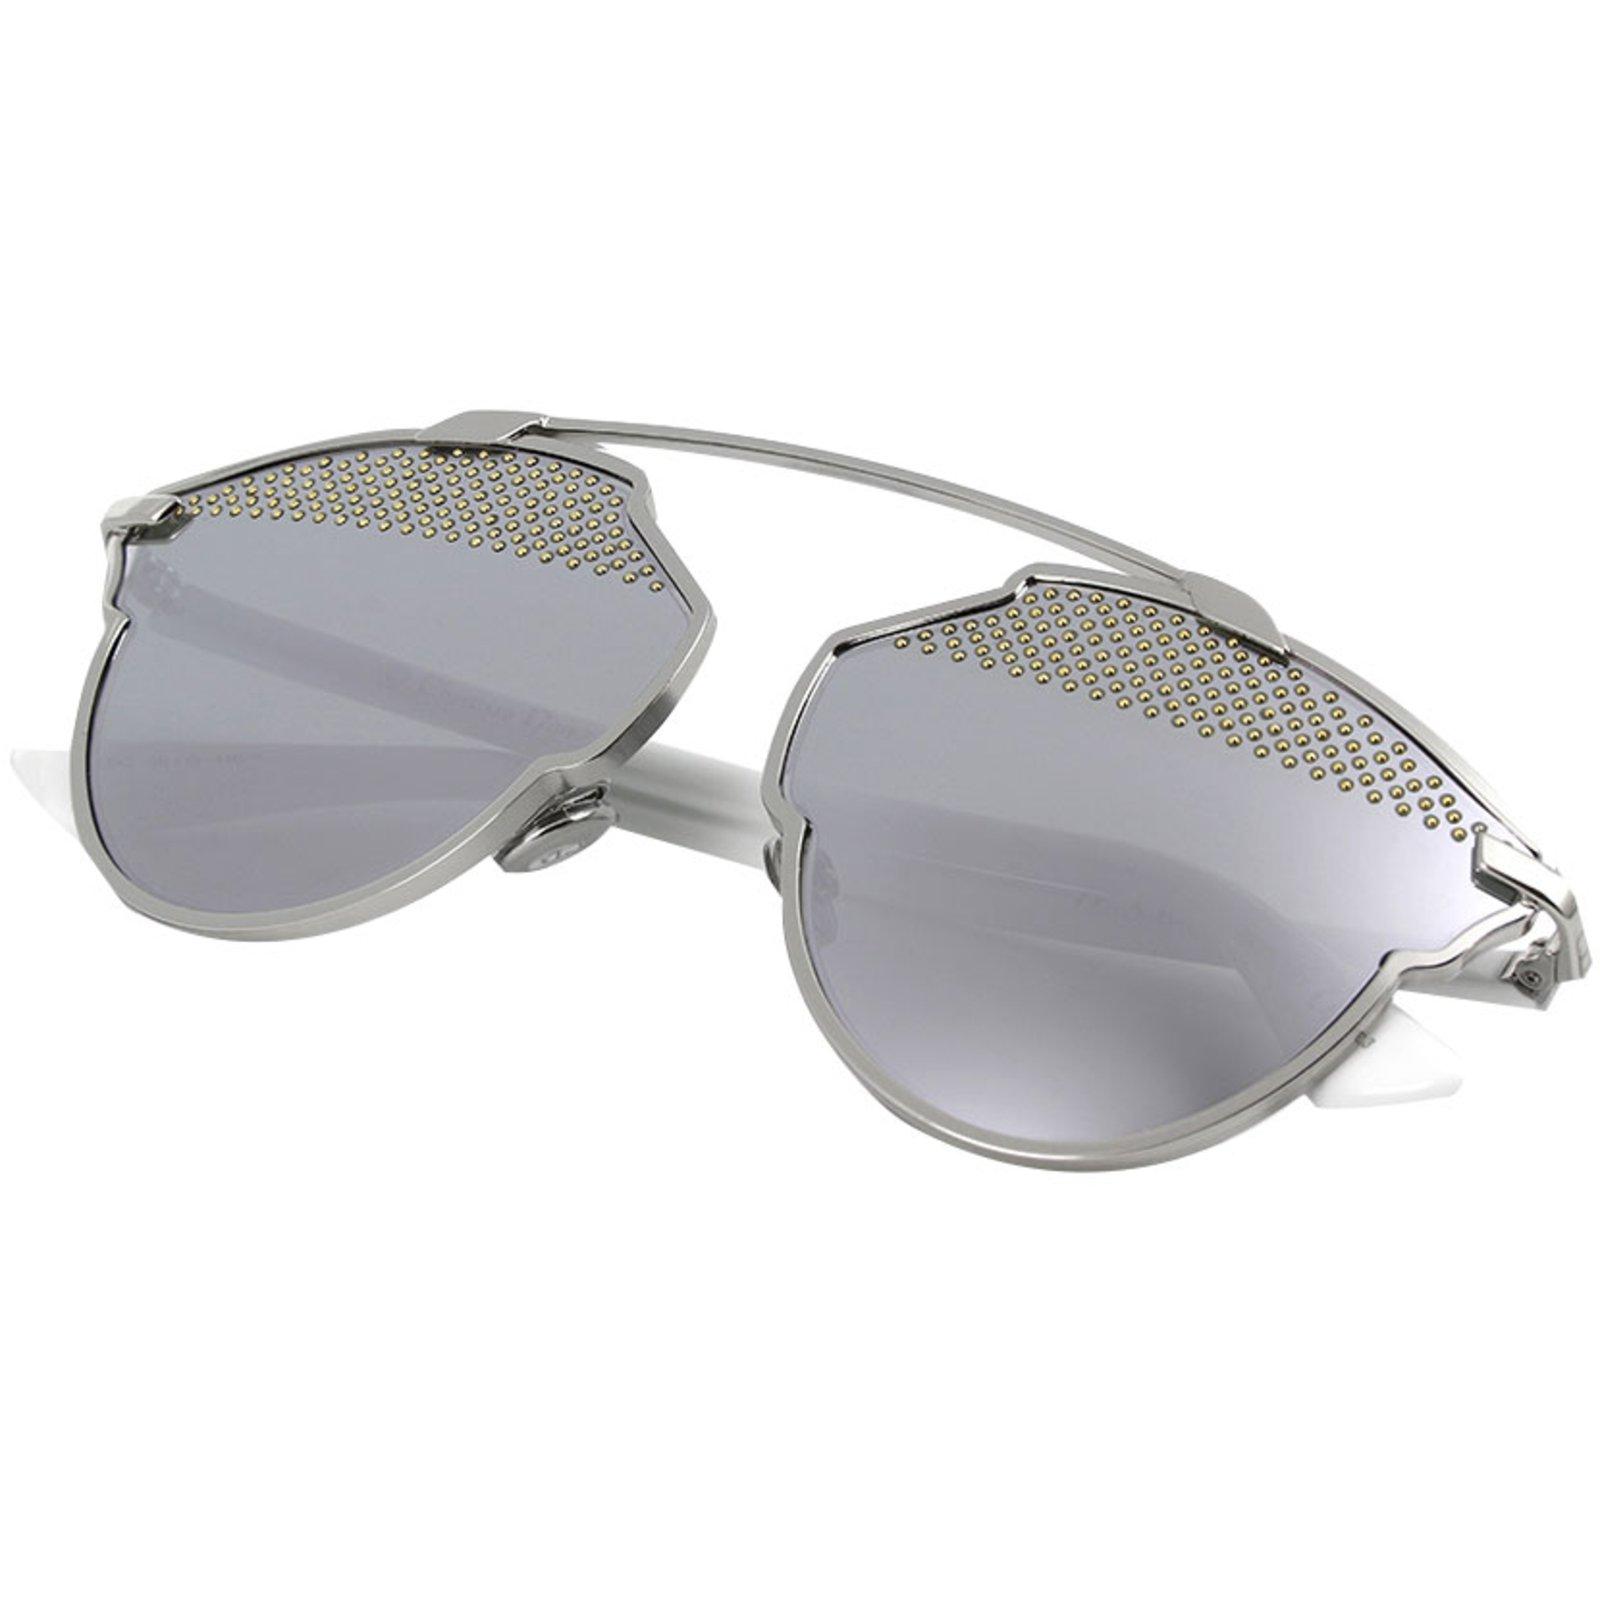 Lunettes Dior Dior diorsoreal-85l (dc) dior so real sunglasses lunettes  Métal Argenté ref.80695 - Joli Closet 3eff9d4b3fc3